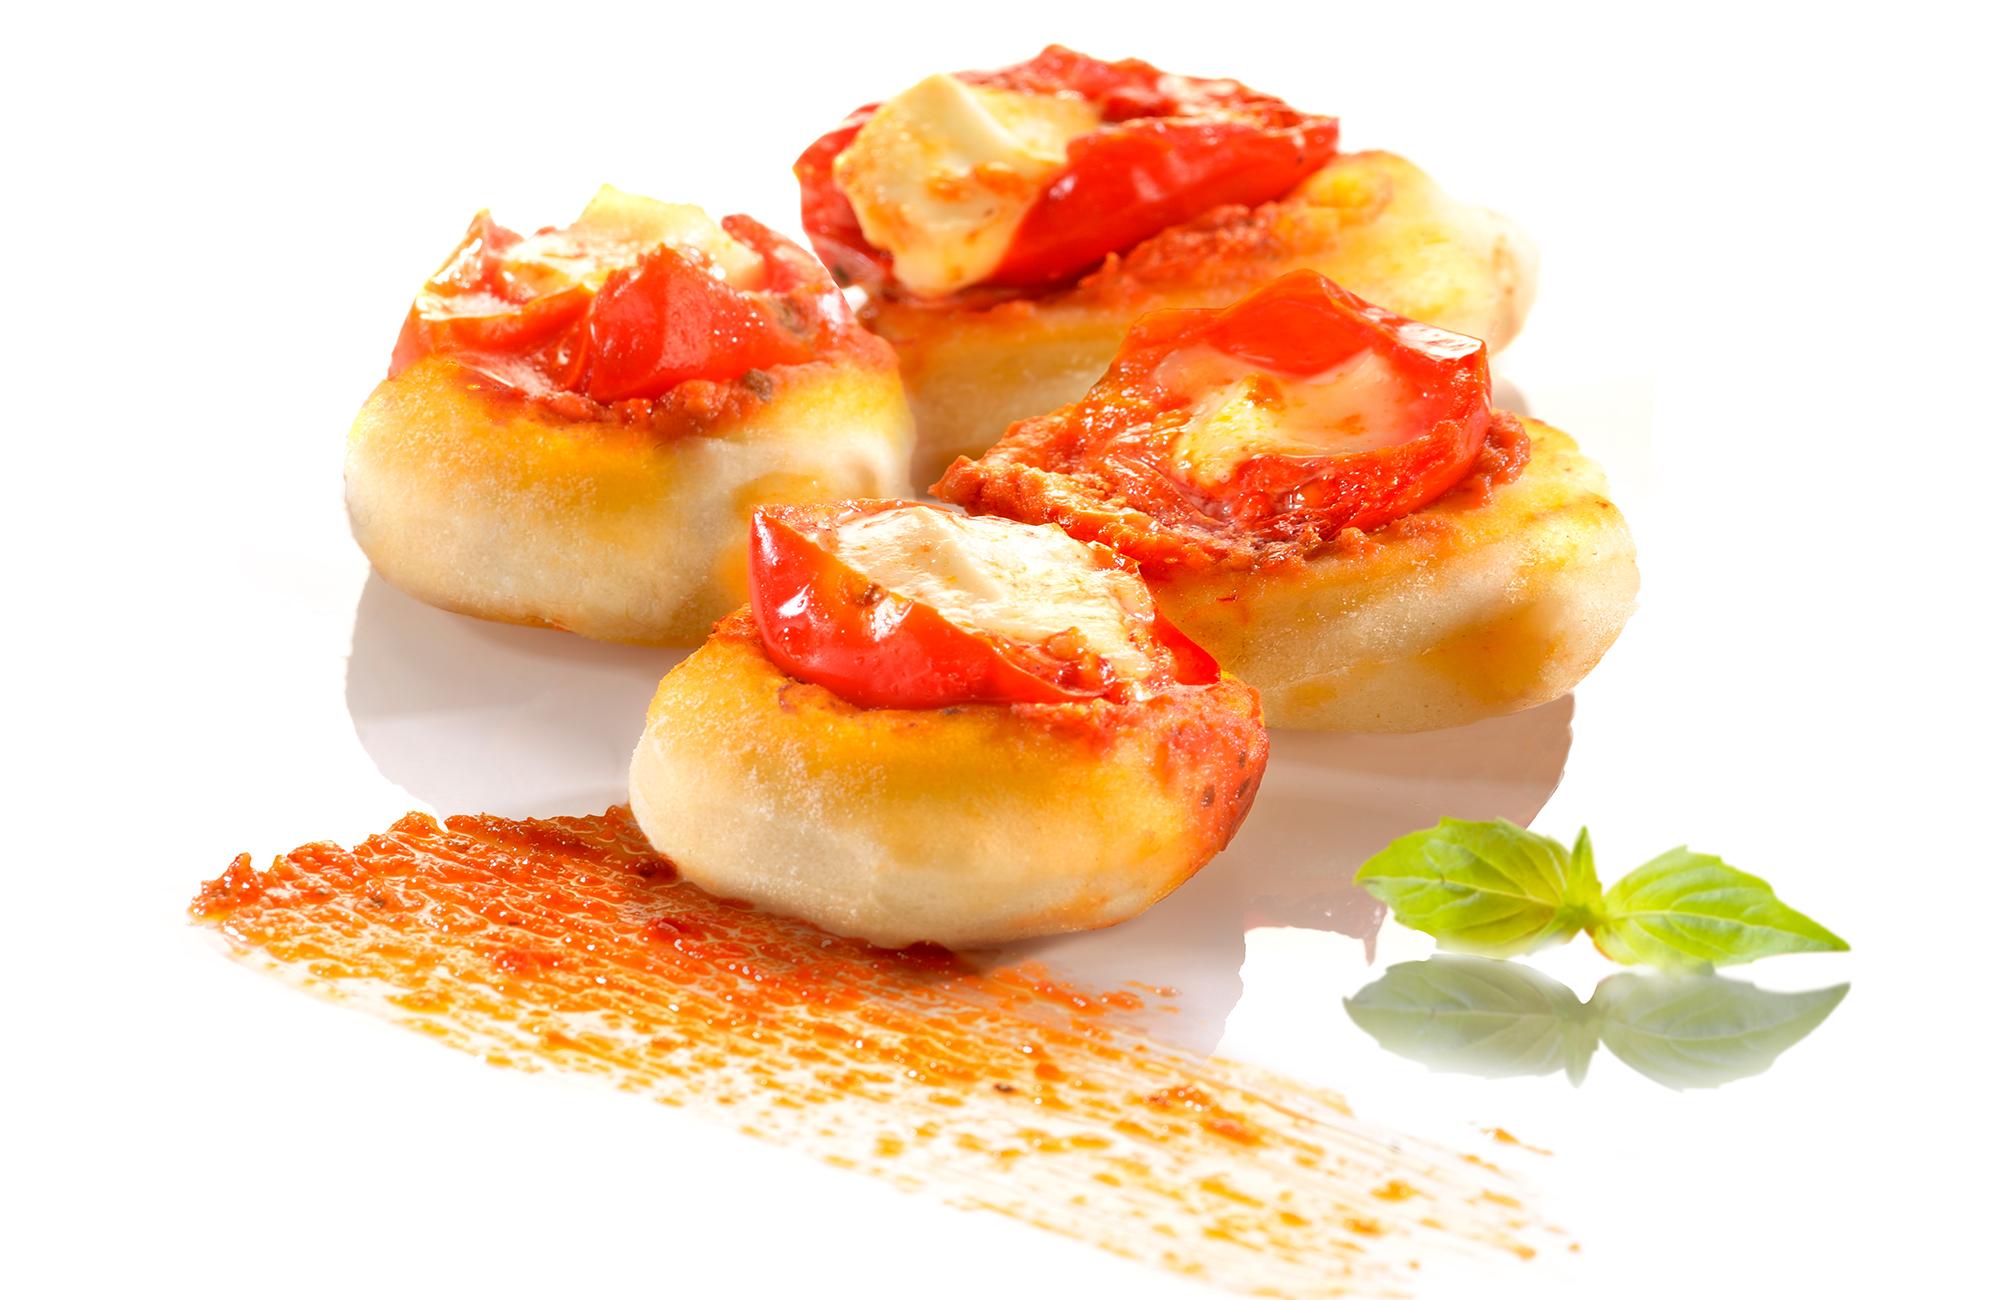 Focaccine al Pesto Rosso Ponti con mozzarella, pomodorini e basilico